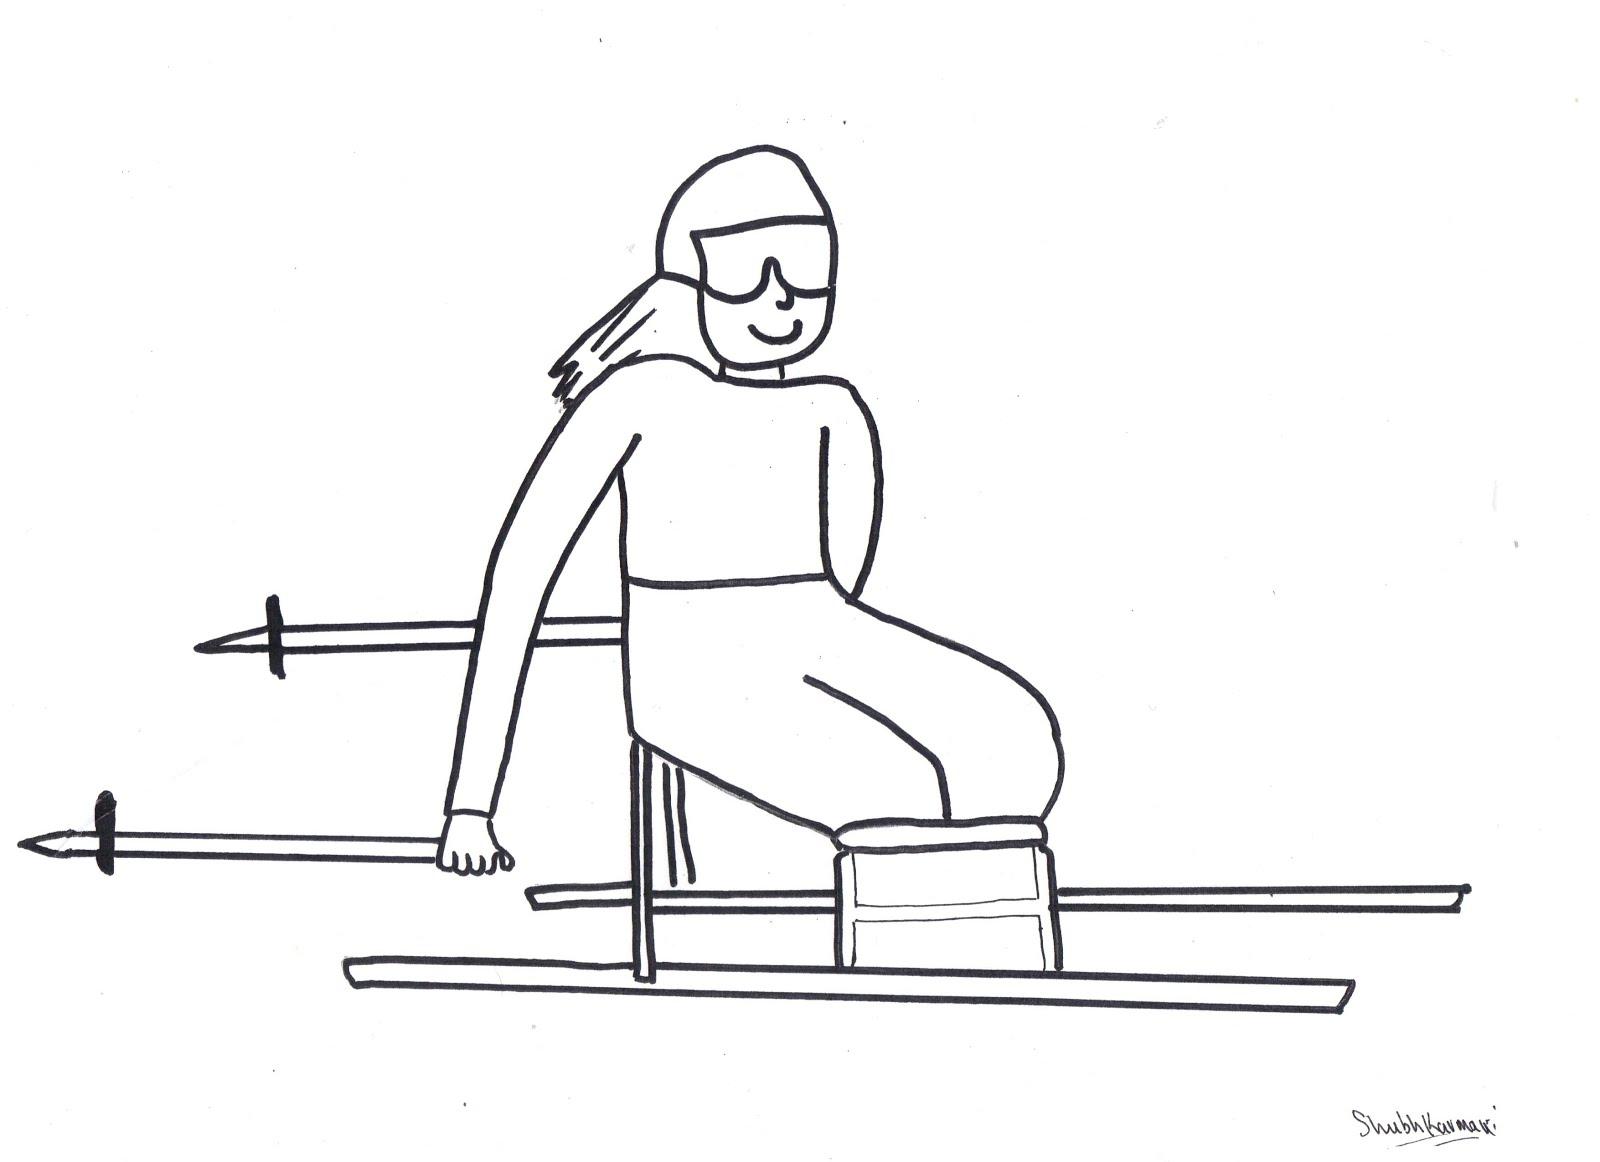 Desenhos Para Colorir E Imprimir Sobre Os Jogos Paraolimpicos So